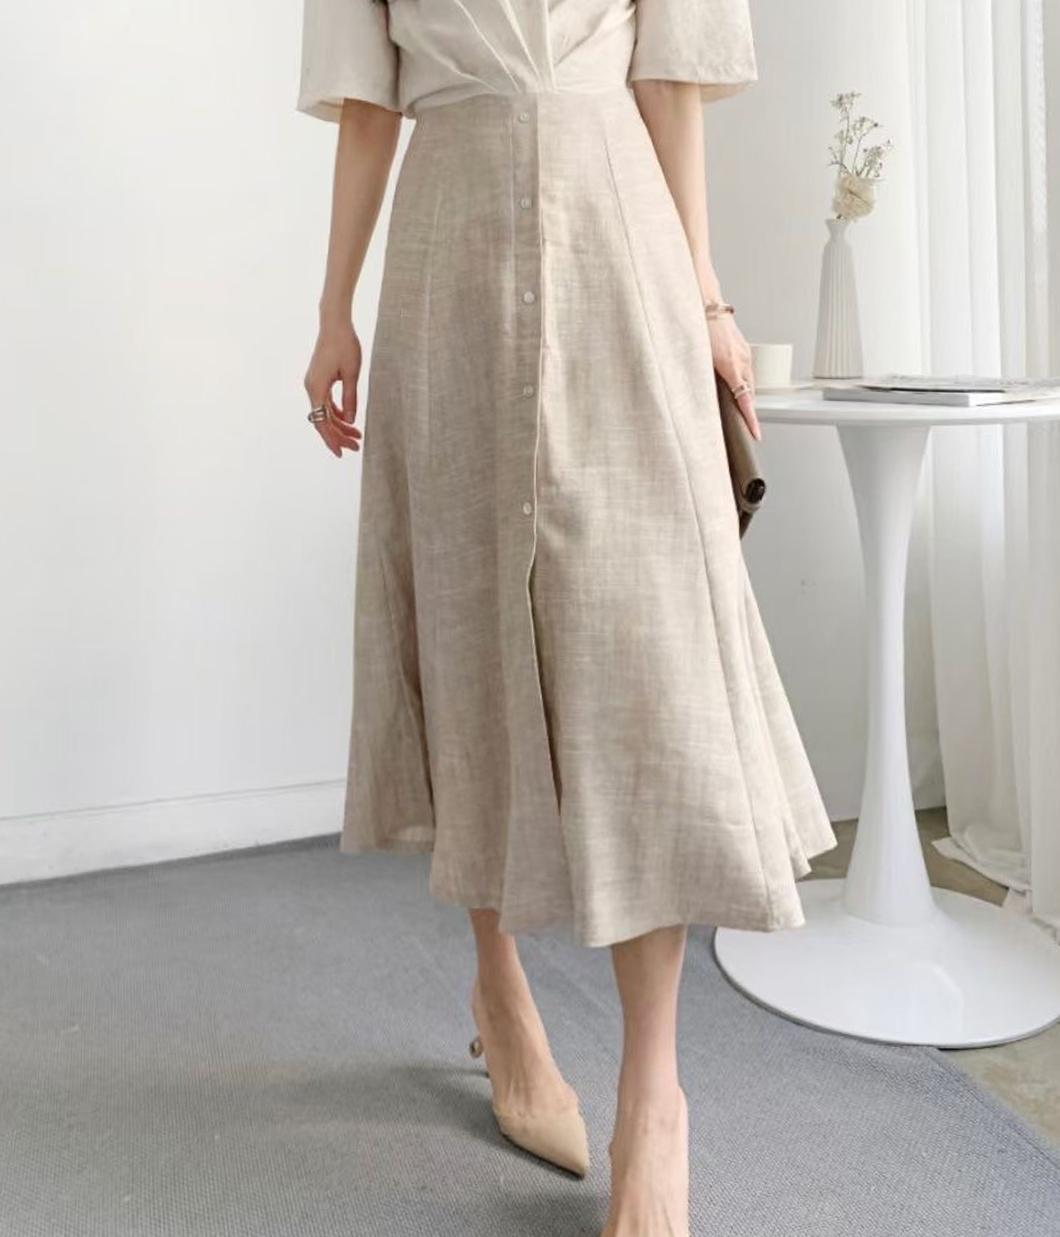 9.溫柔高雅雙色襯衫洋裝